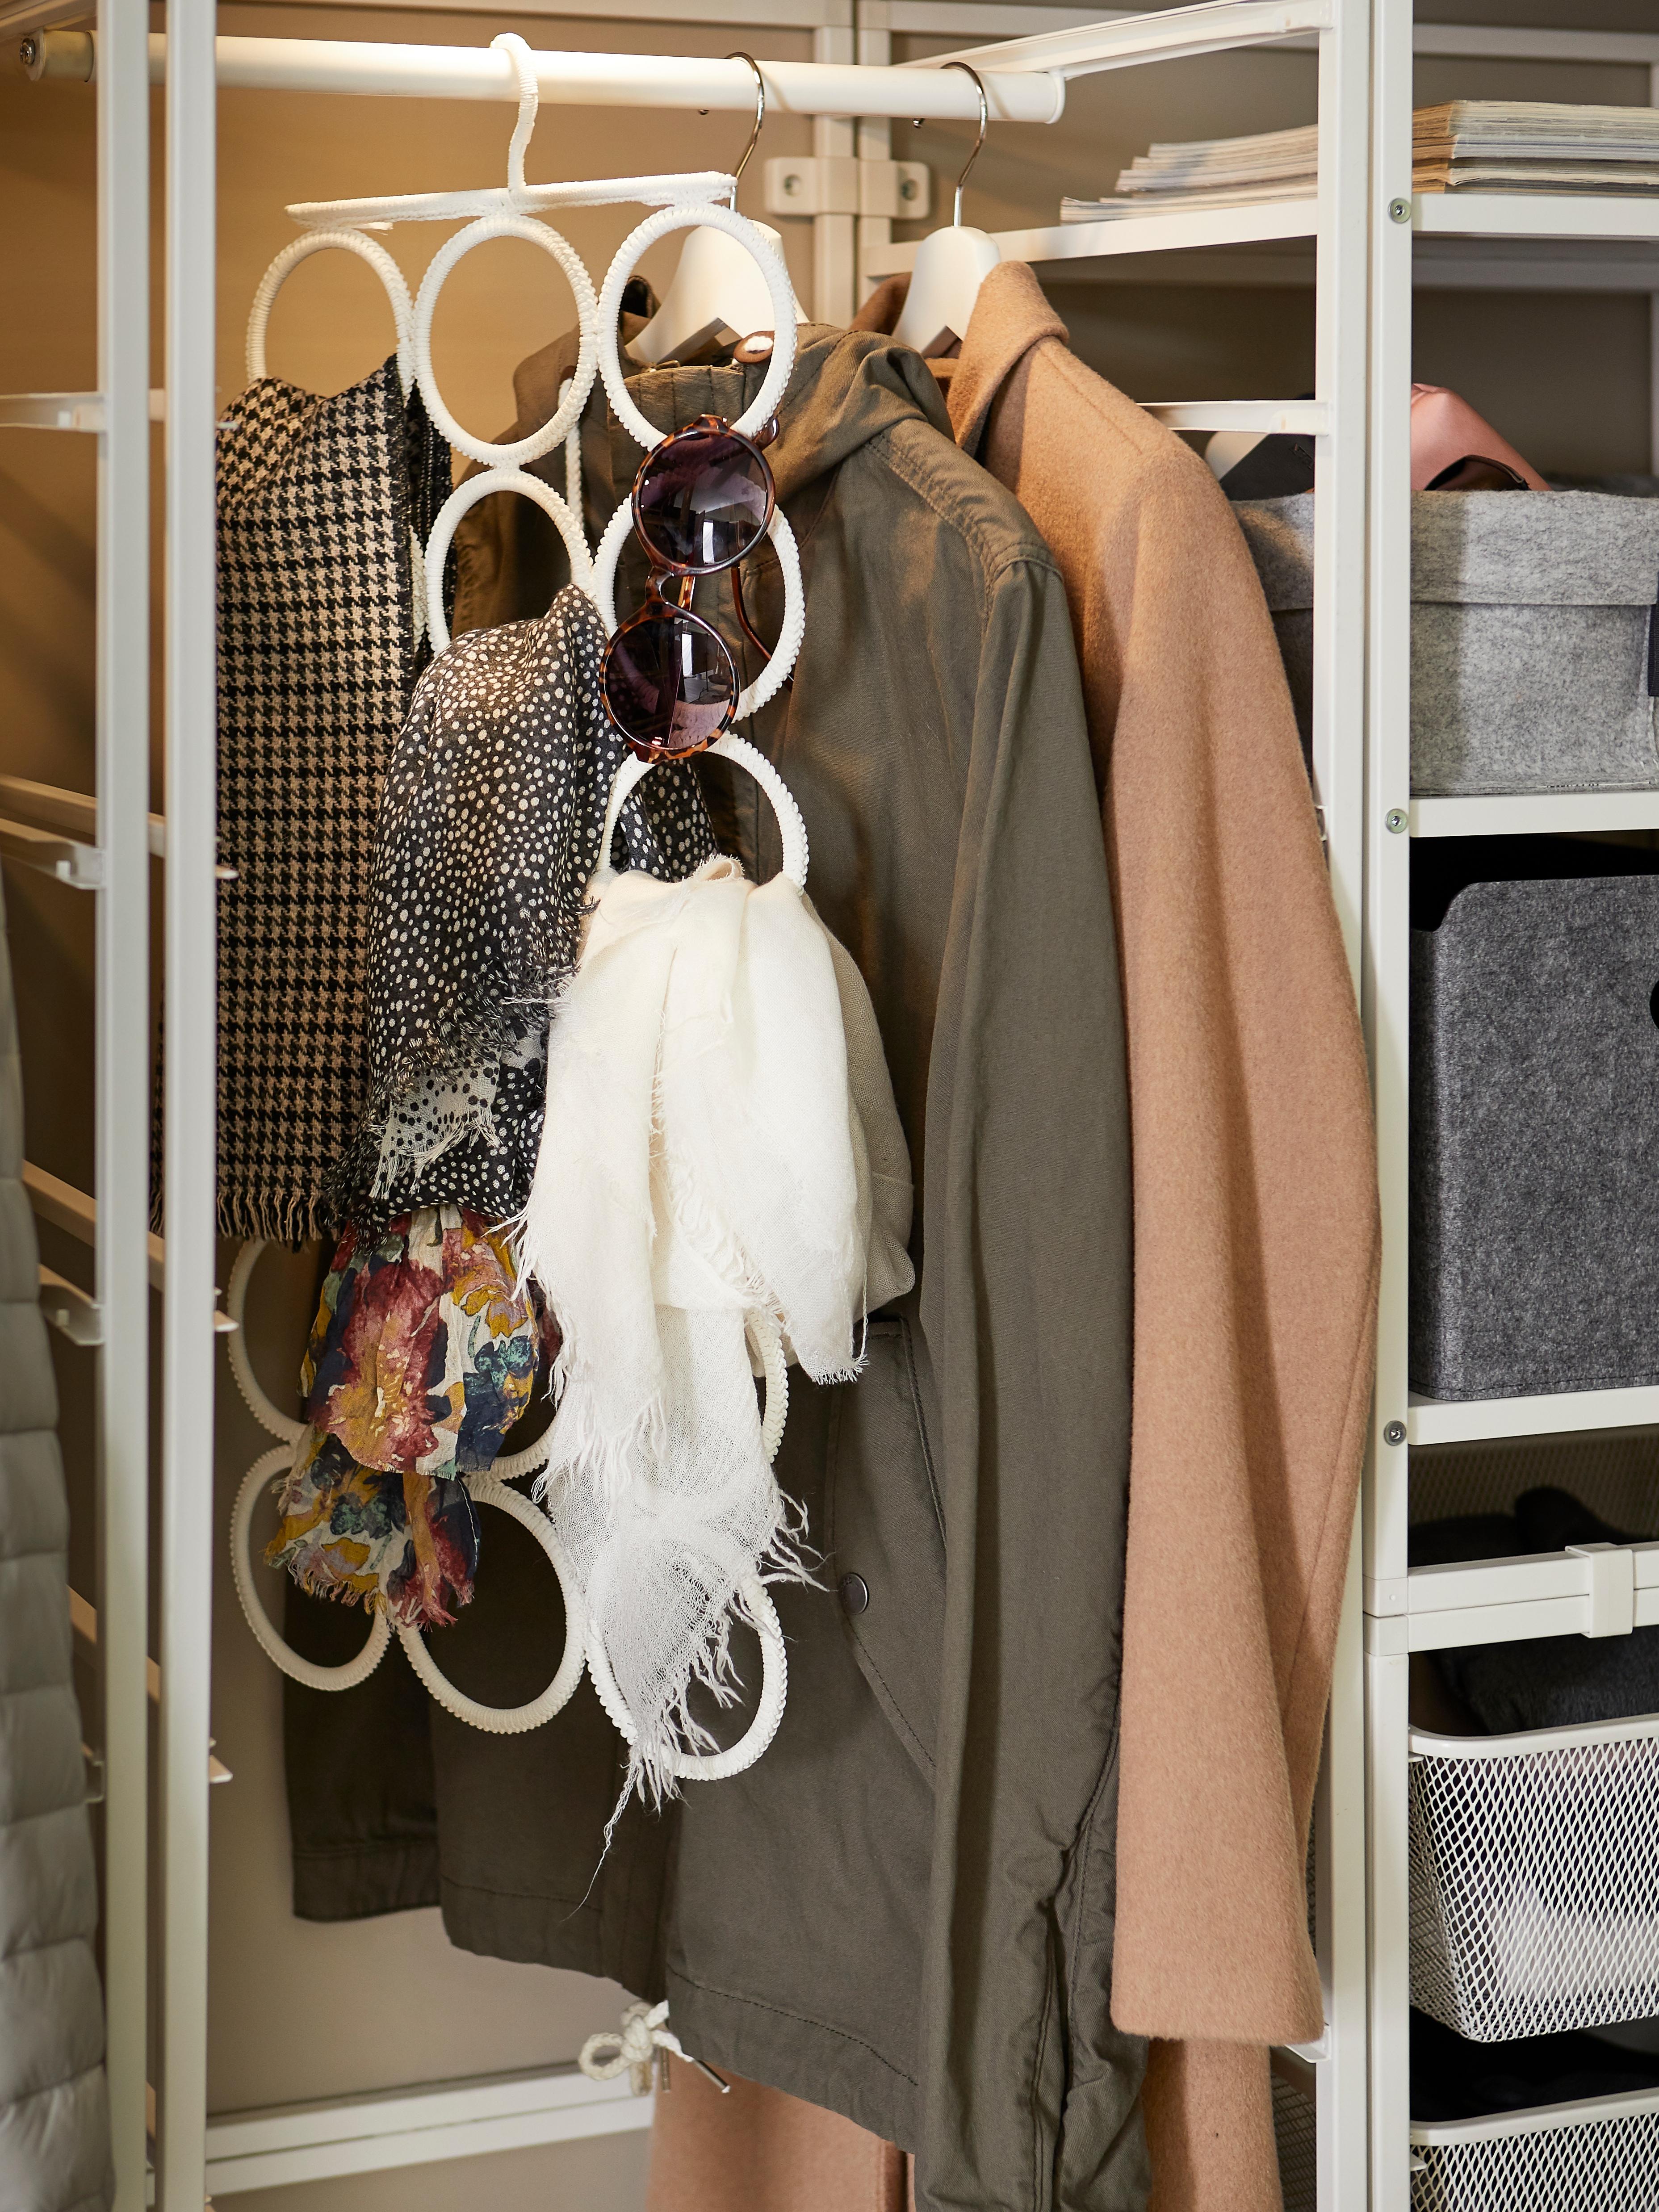 Šipka za vešalice s kaputima i bela IKEA KOMPEMENT višenamenska vešalica s kukicama na kojima se nalaze naočare za sunce i šalove.